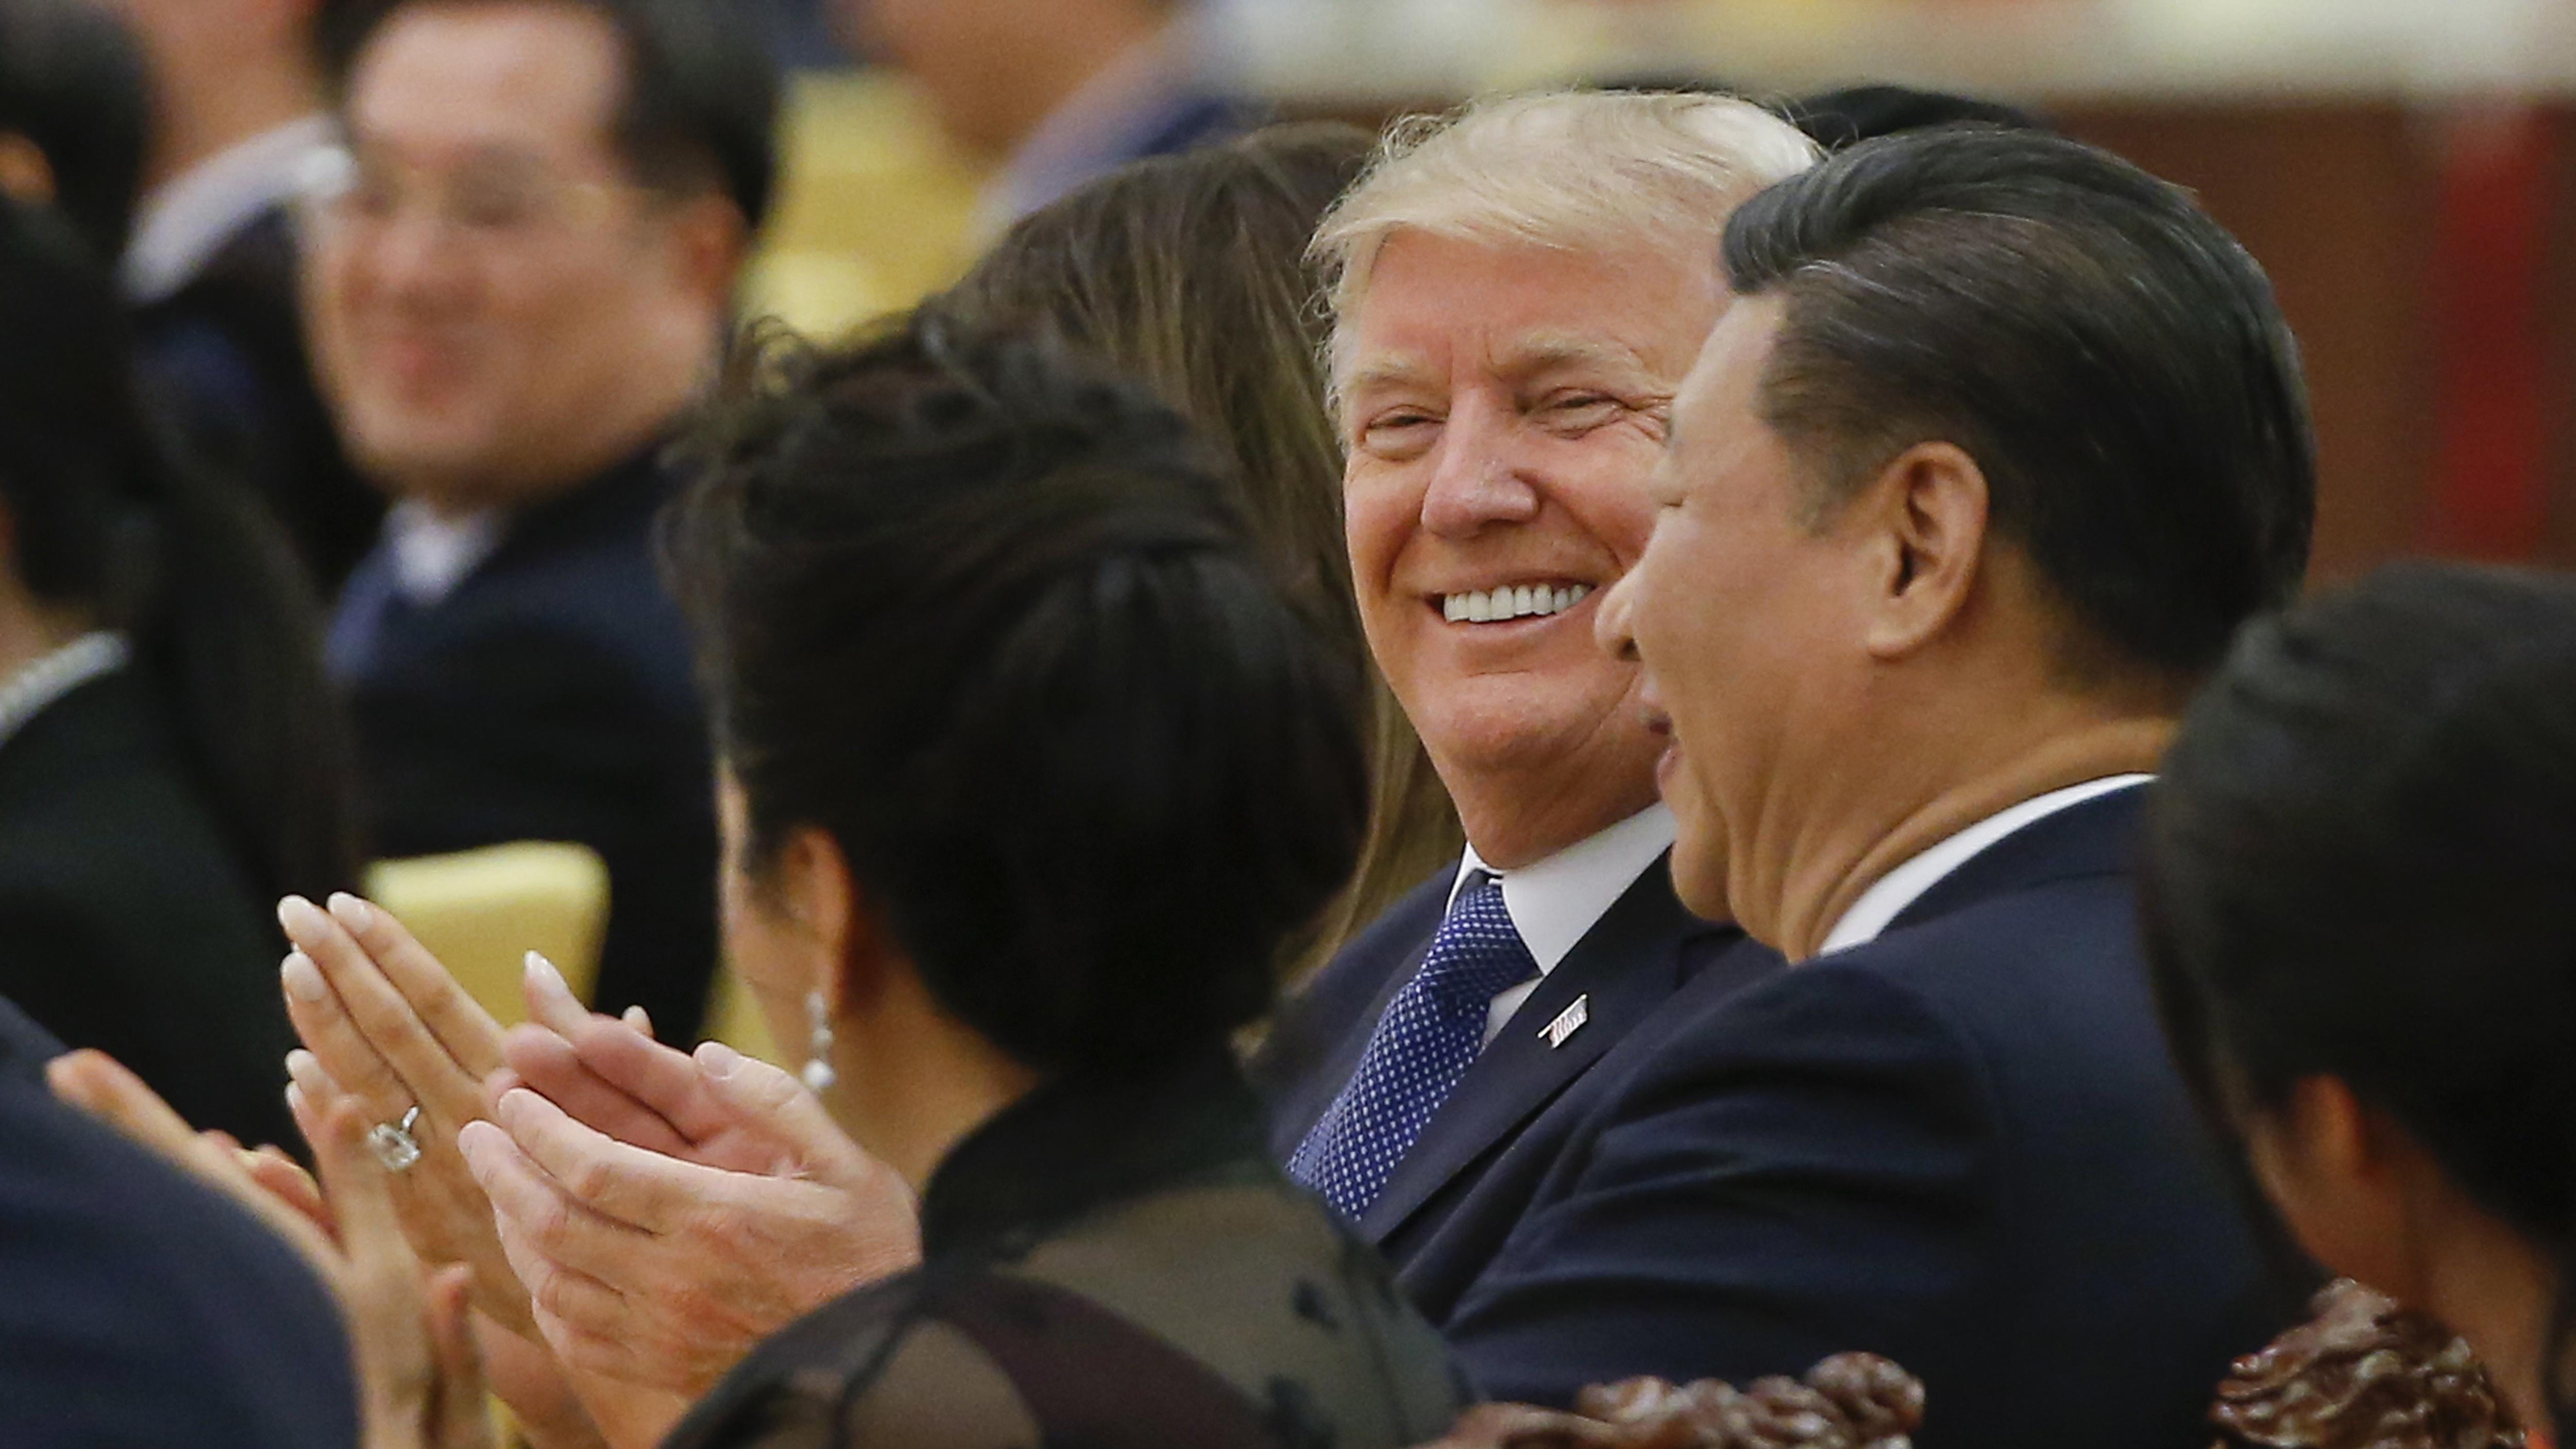 中国国家主席习近平和美国总统特朗普。(美联社)